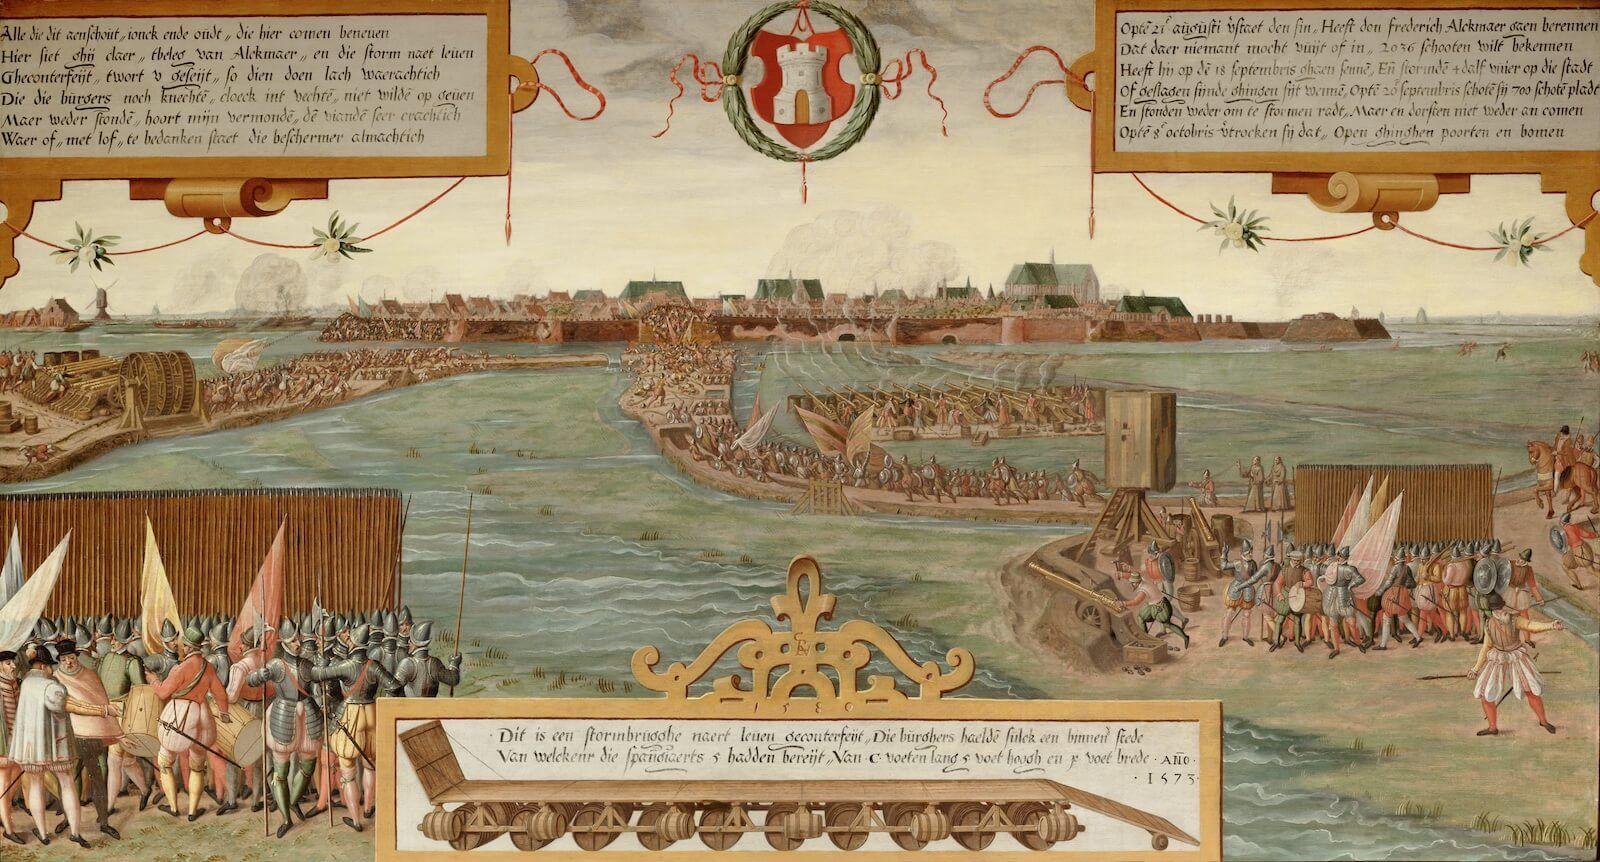 Vista del asedio de Alkmaar